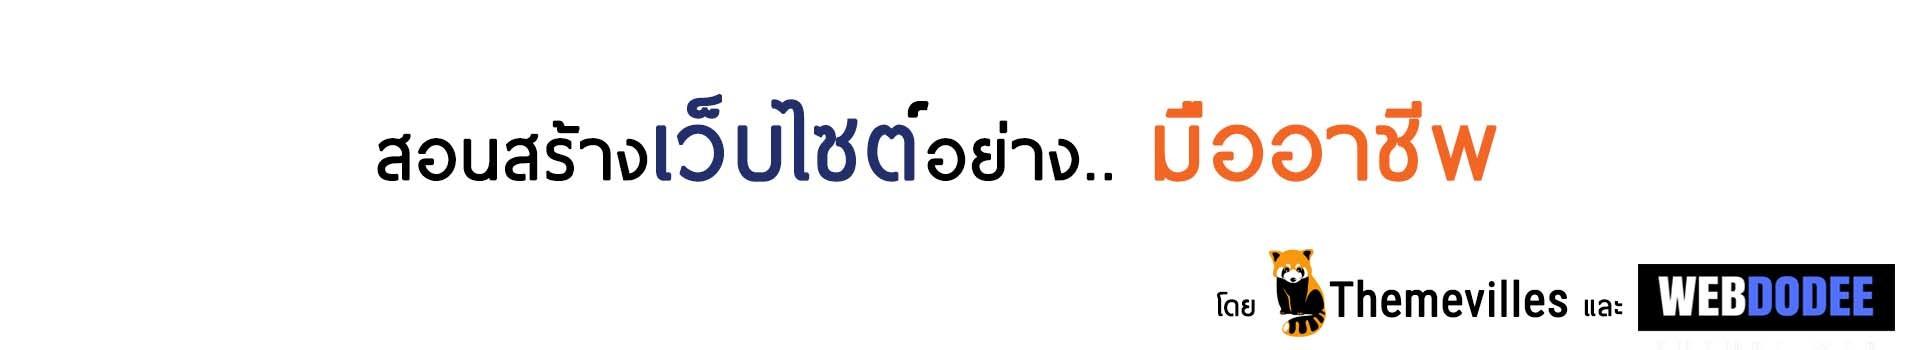 วรพงศ์ นิจจรัลกุล cover photo